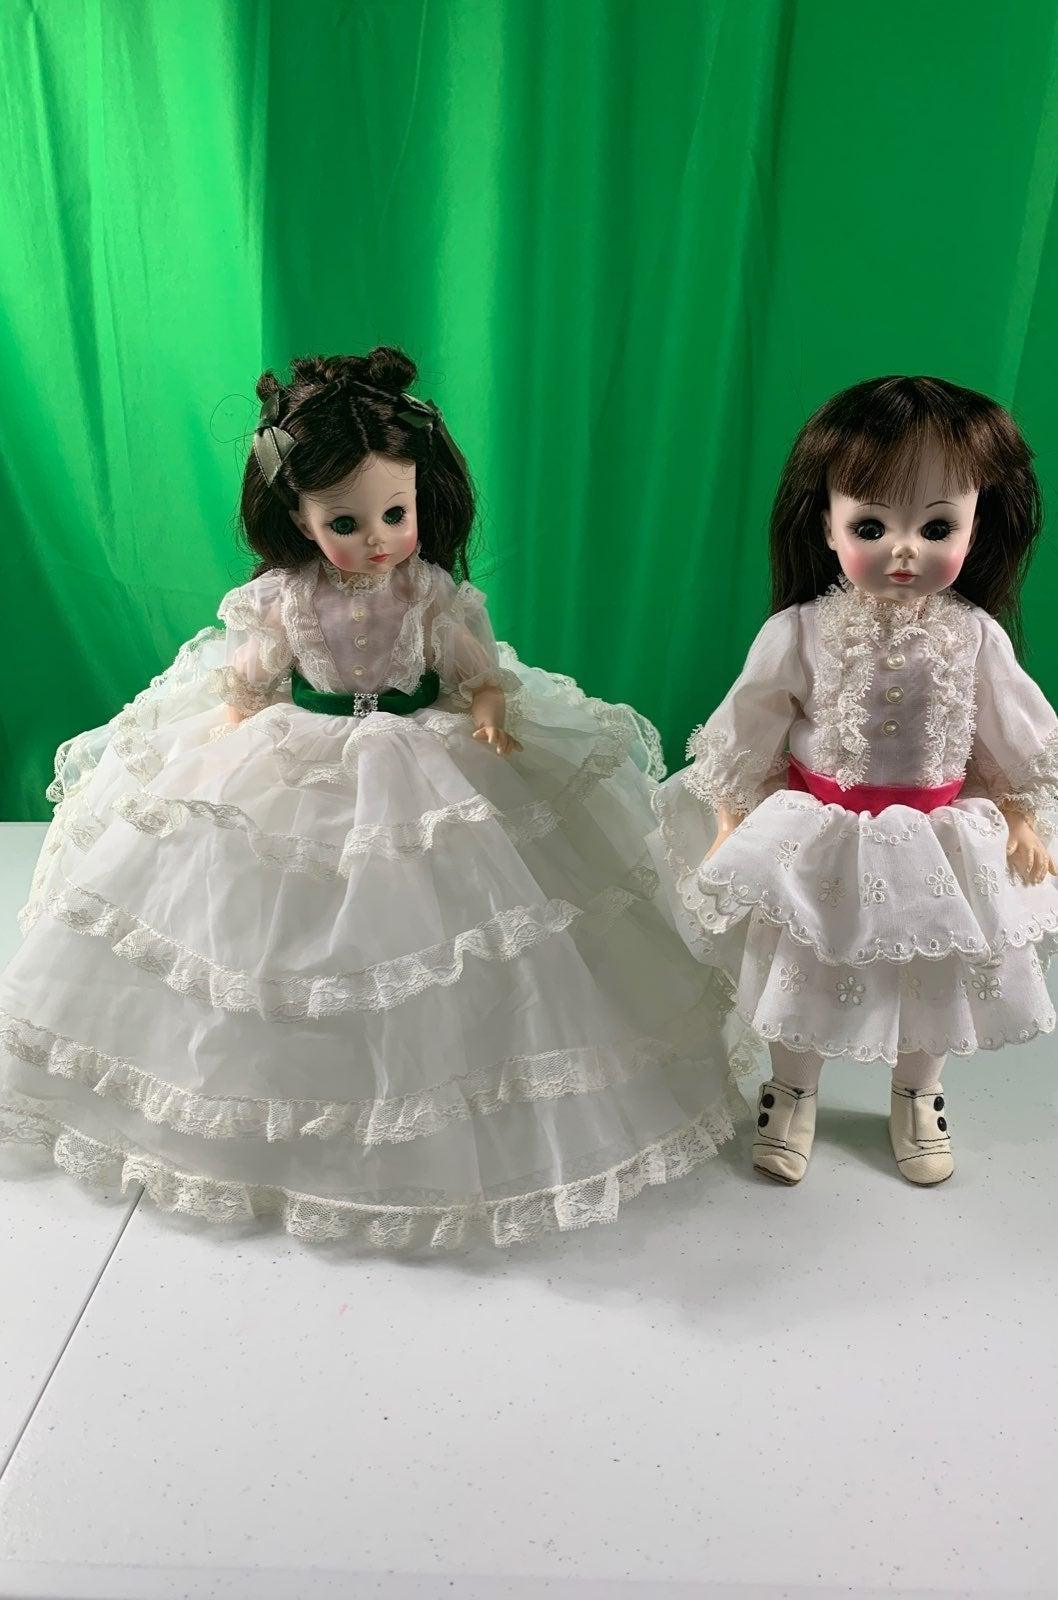 hOLD Vintage Madame Alexander dolls